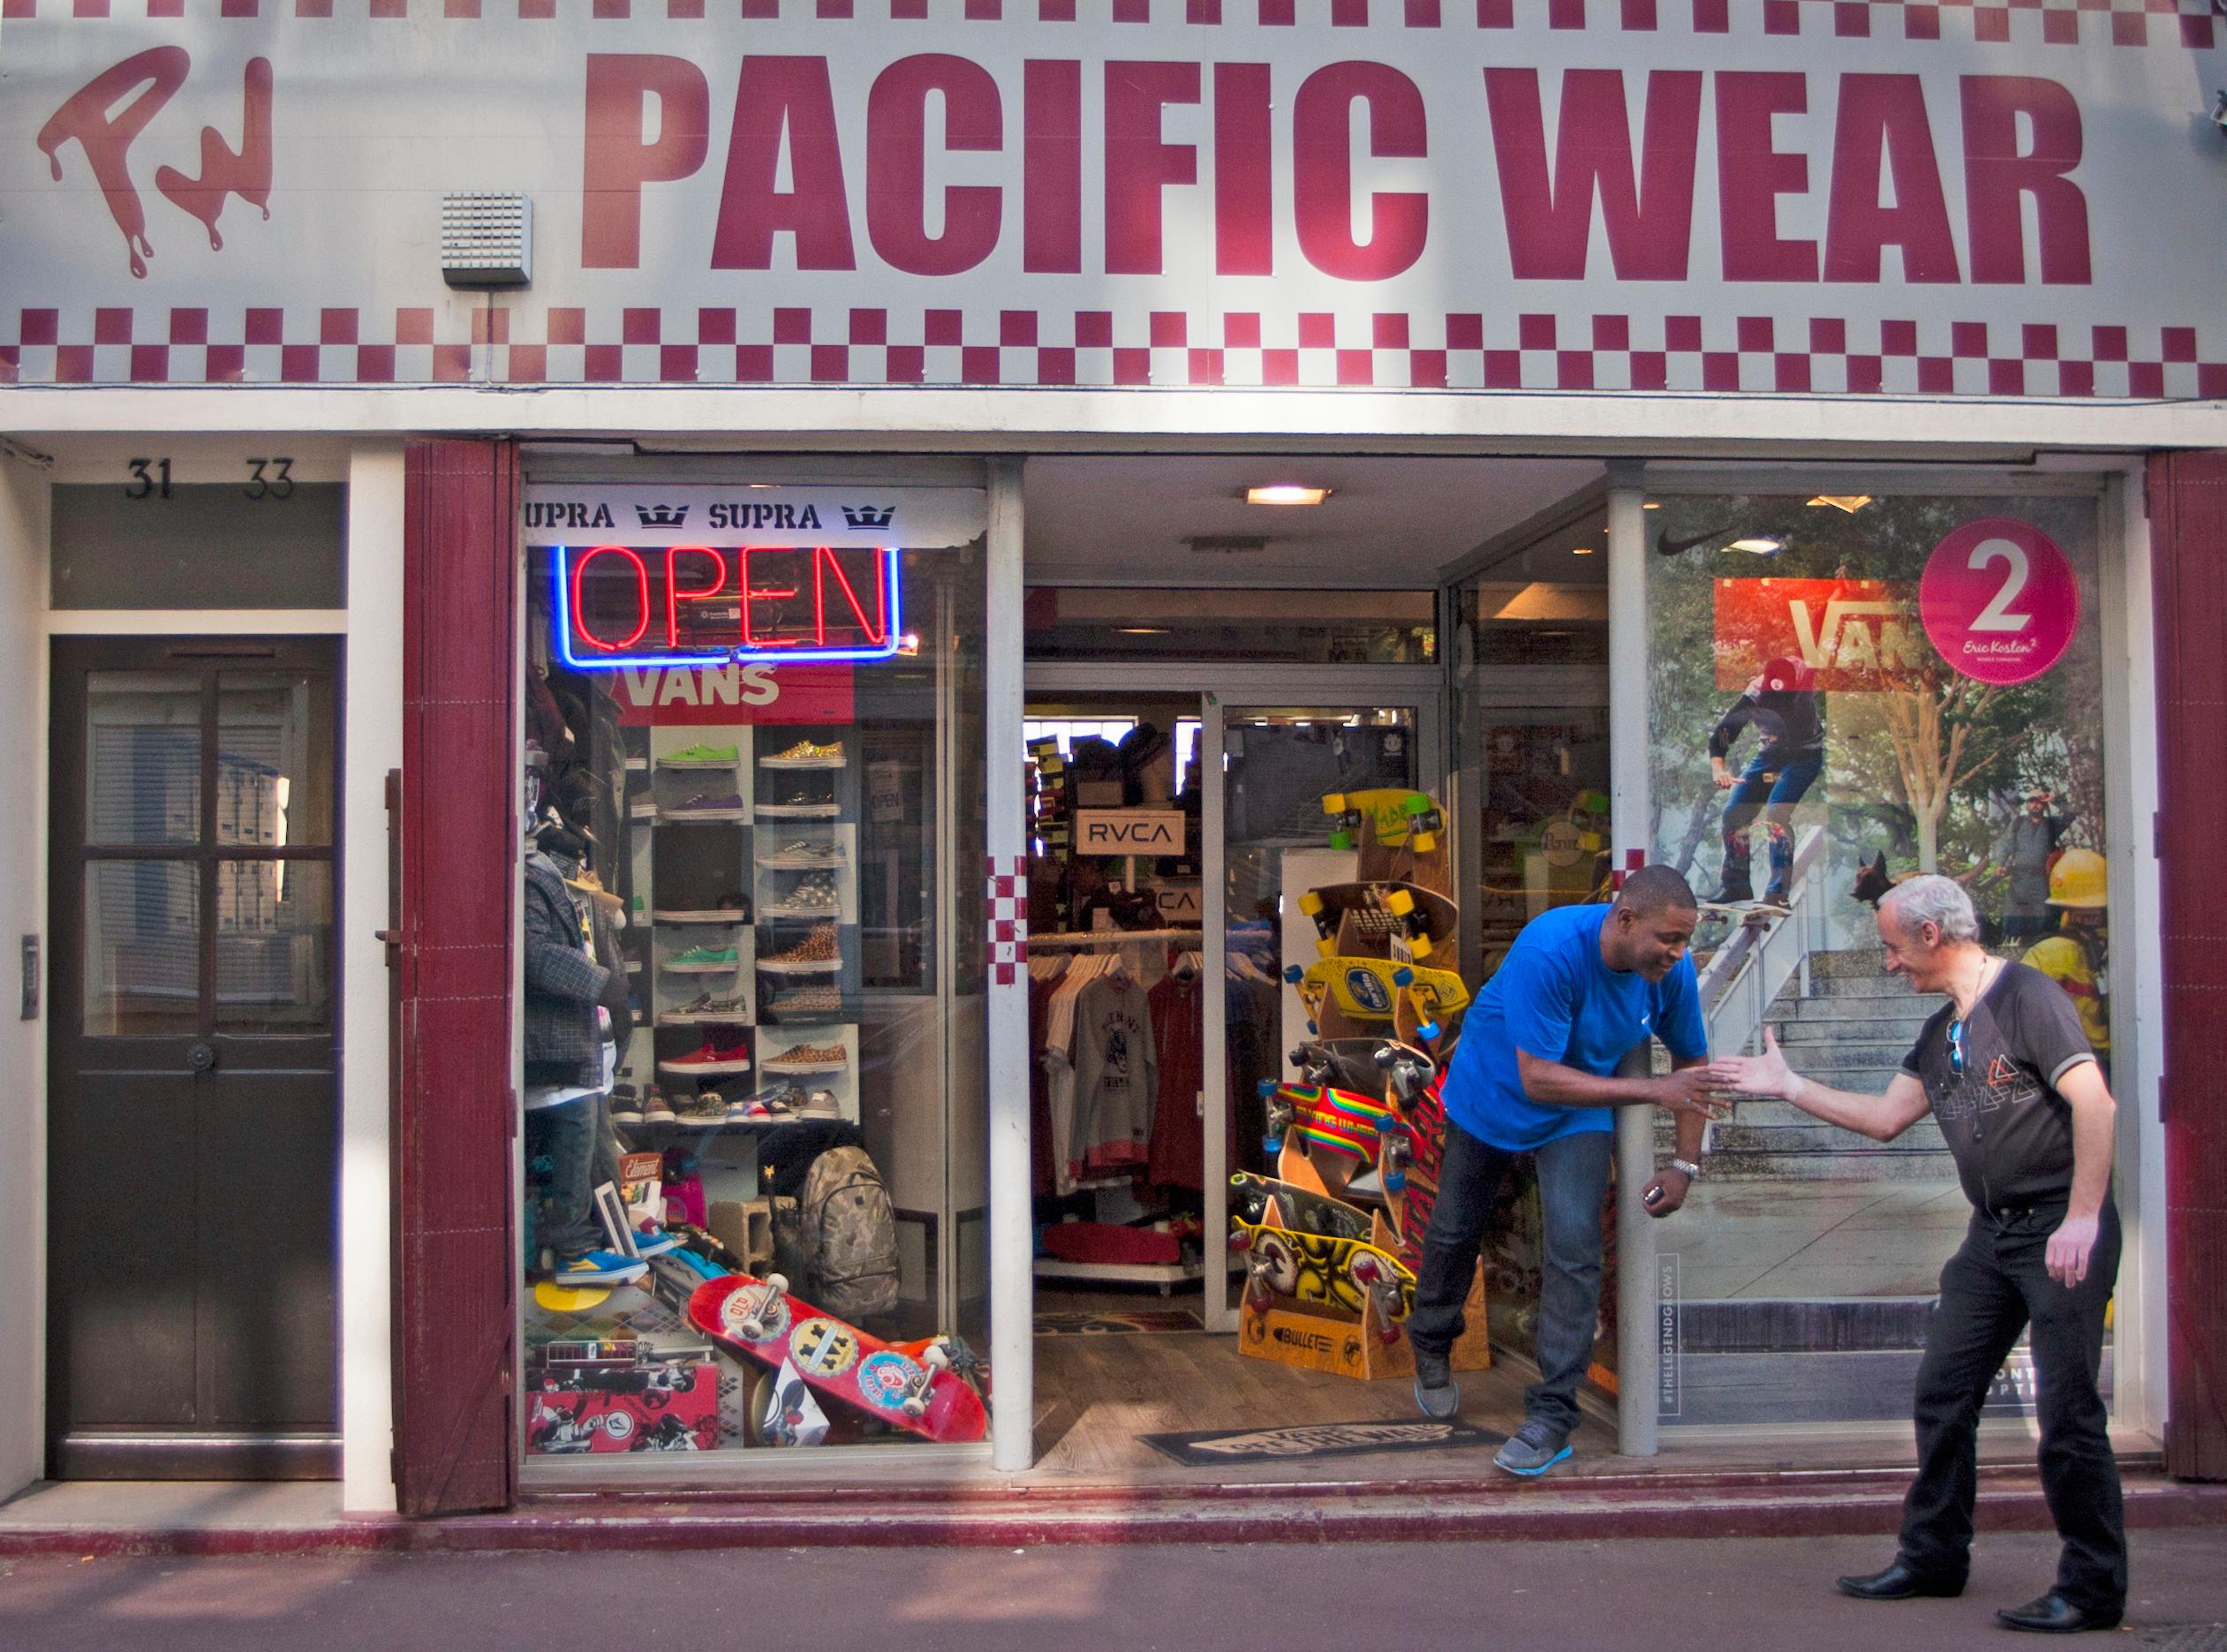 Boutique Pacific Wear%252C spécialisée dans le street wear%252C Saint-Germain-en-Laye 2016 Boutique Pacific Wear%252C spécialisée dans le street wear%252C Saint-Germain-en-Laye 2016